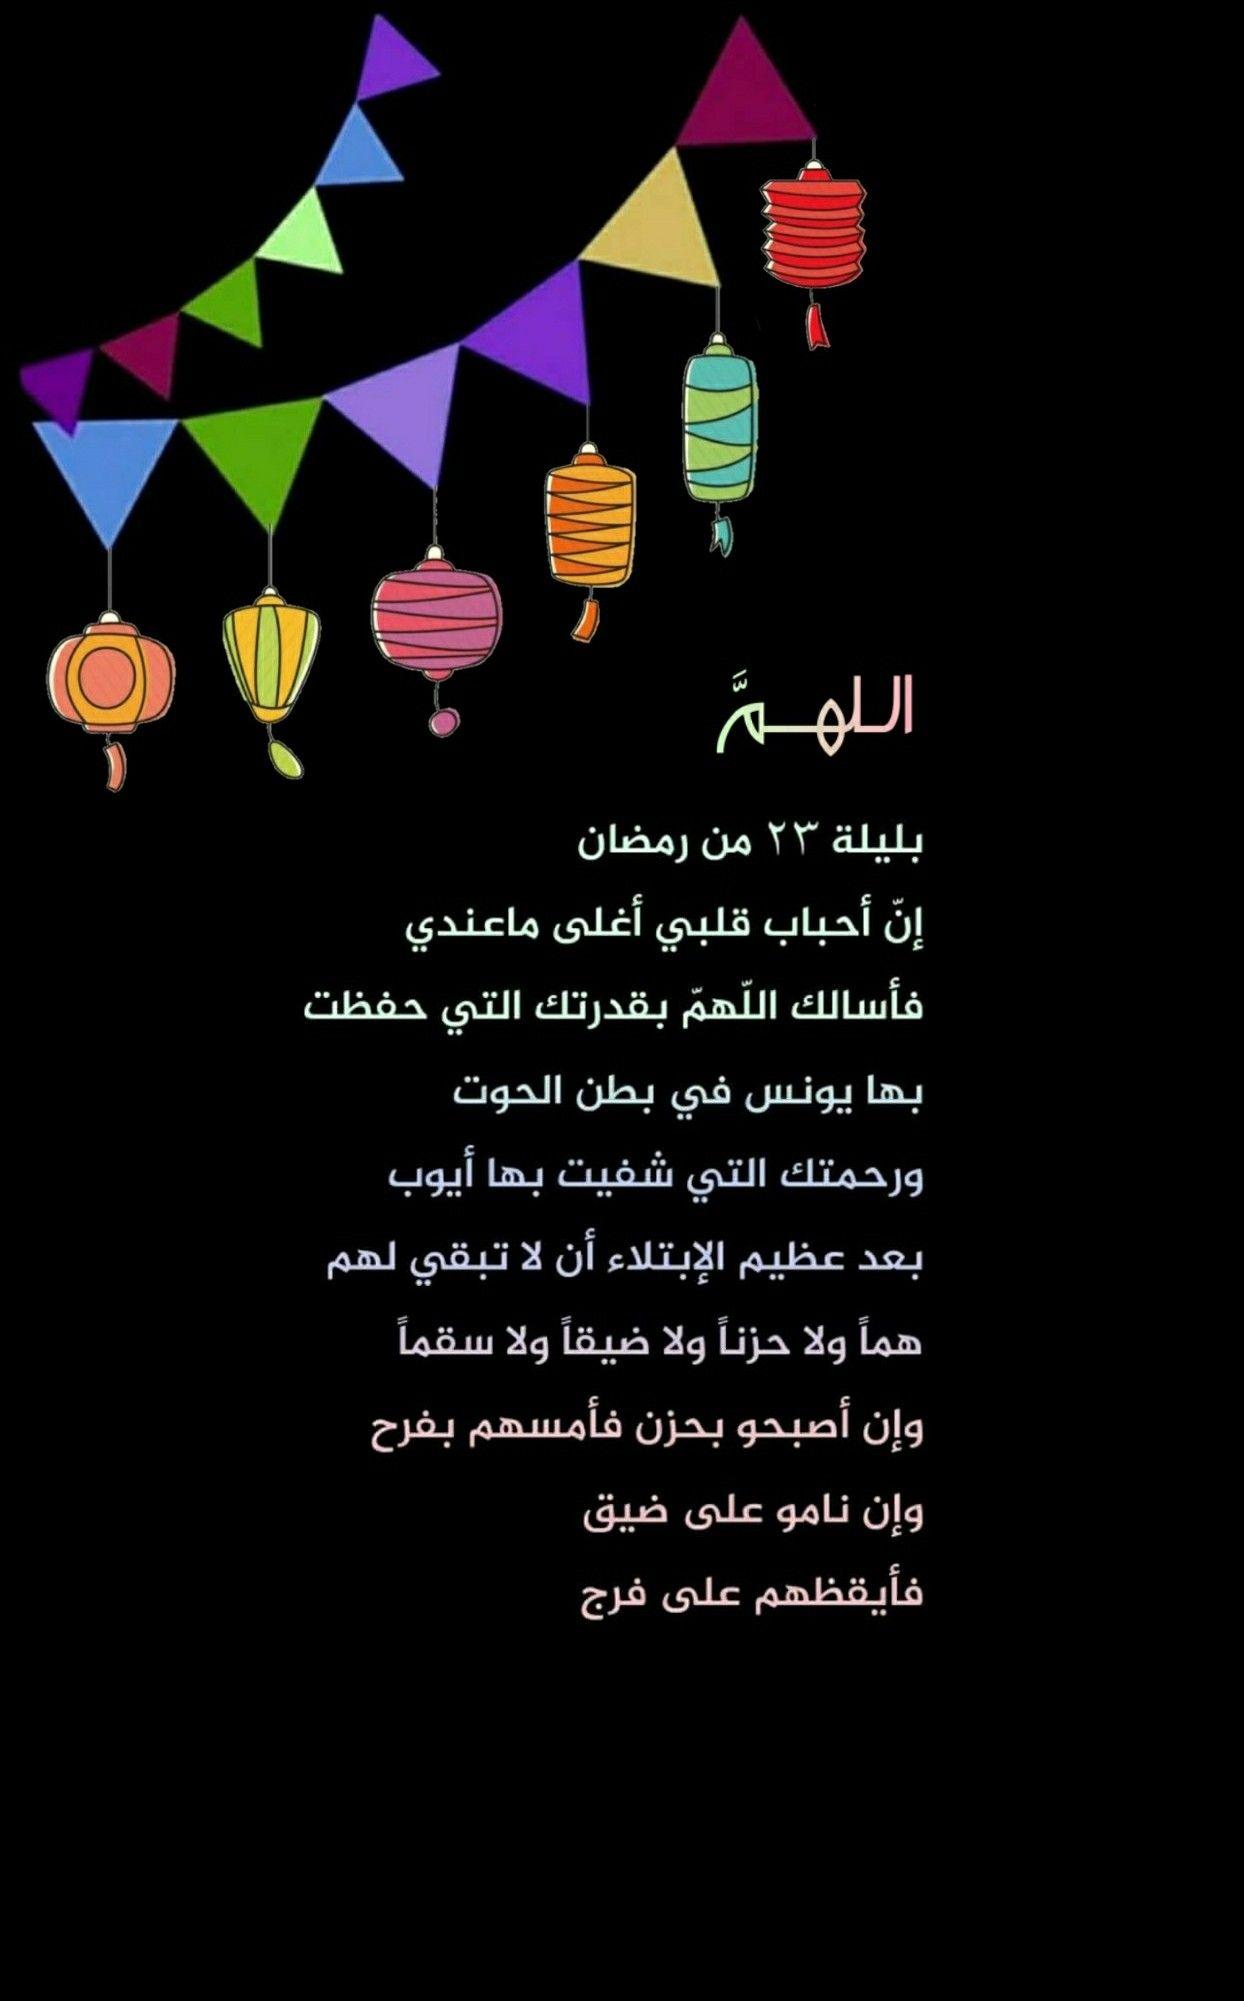 اللهــــم بليلة ٢٣ من رمضان إن أحباب قلبي أغلى ماعندي فأسالك الل هم بقدرتك التي حفظت بها يونس في بطن الحوت و Ramadan Quotes Ramadan Day Ramadhan Quotes